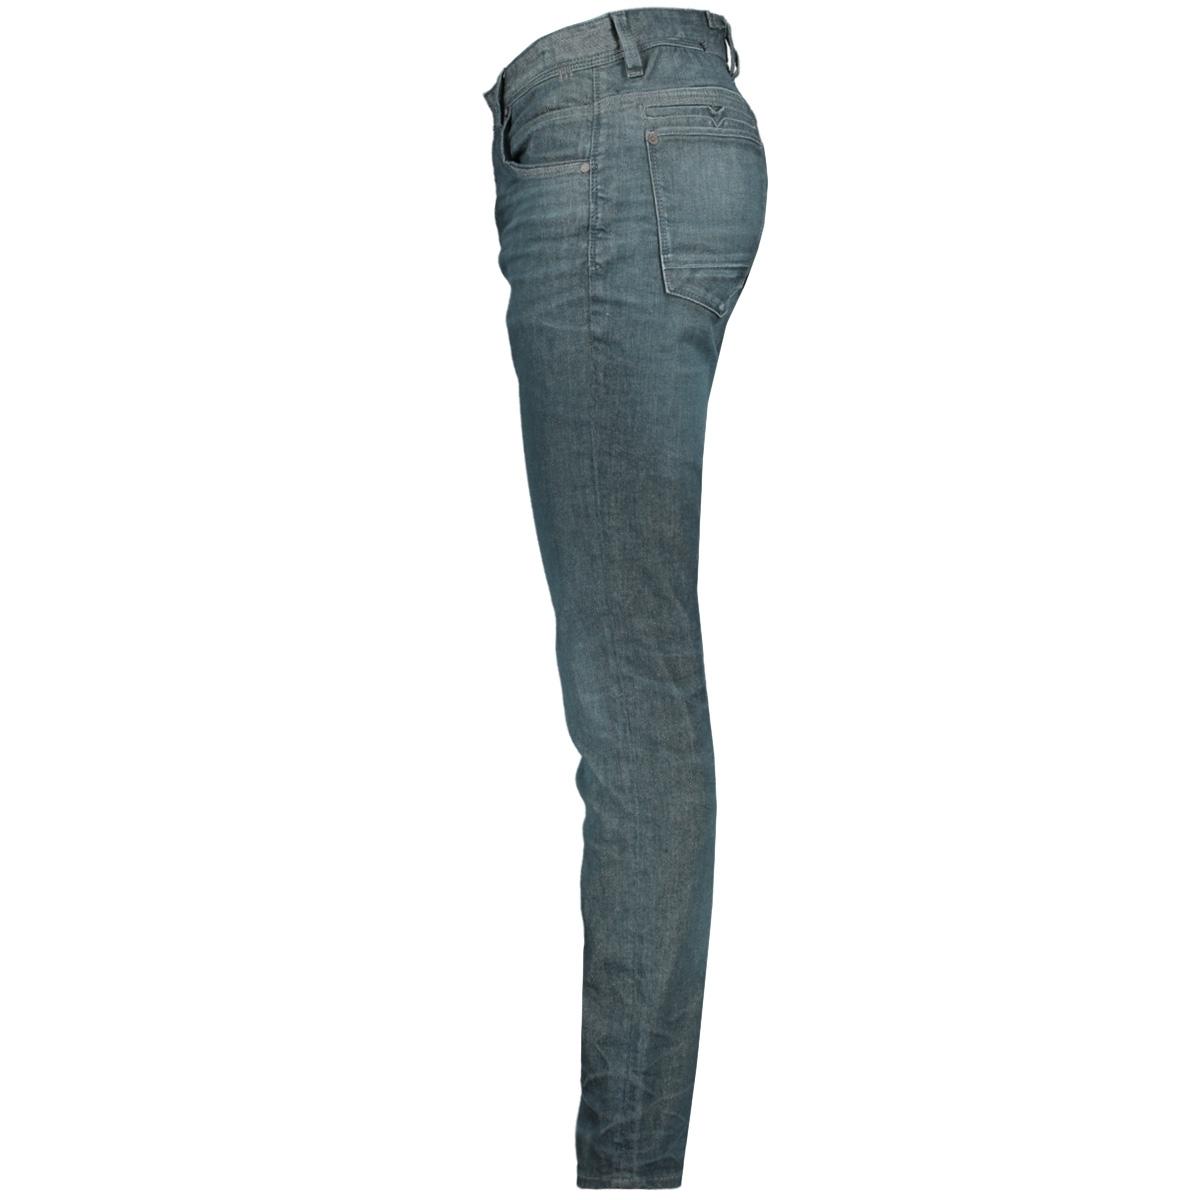 v850 rider vtr196101 vanguard jeans 6078